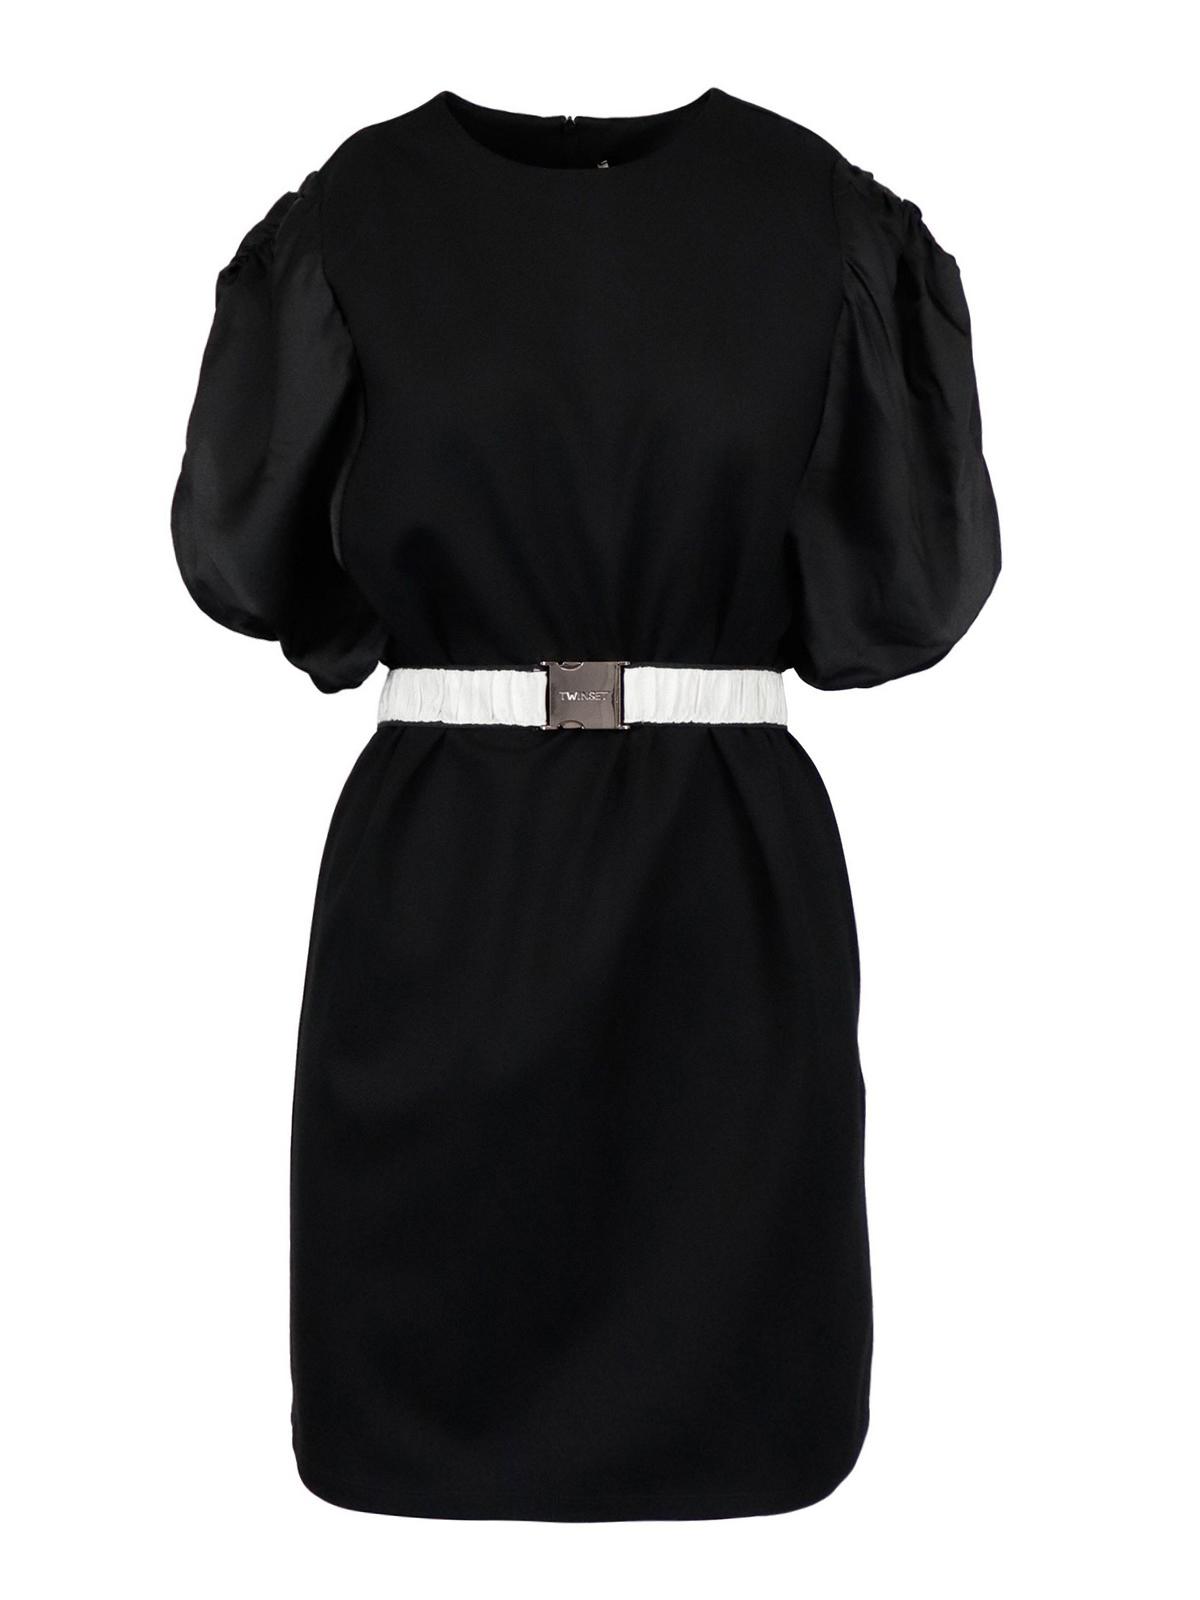 Twinset VISCOSE BLEND SHORT DRESS